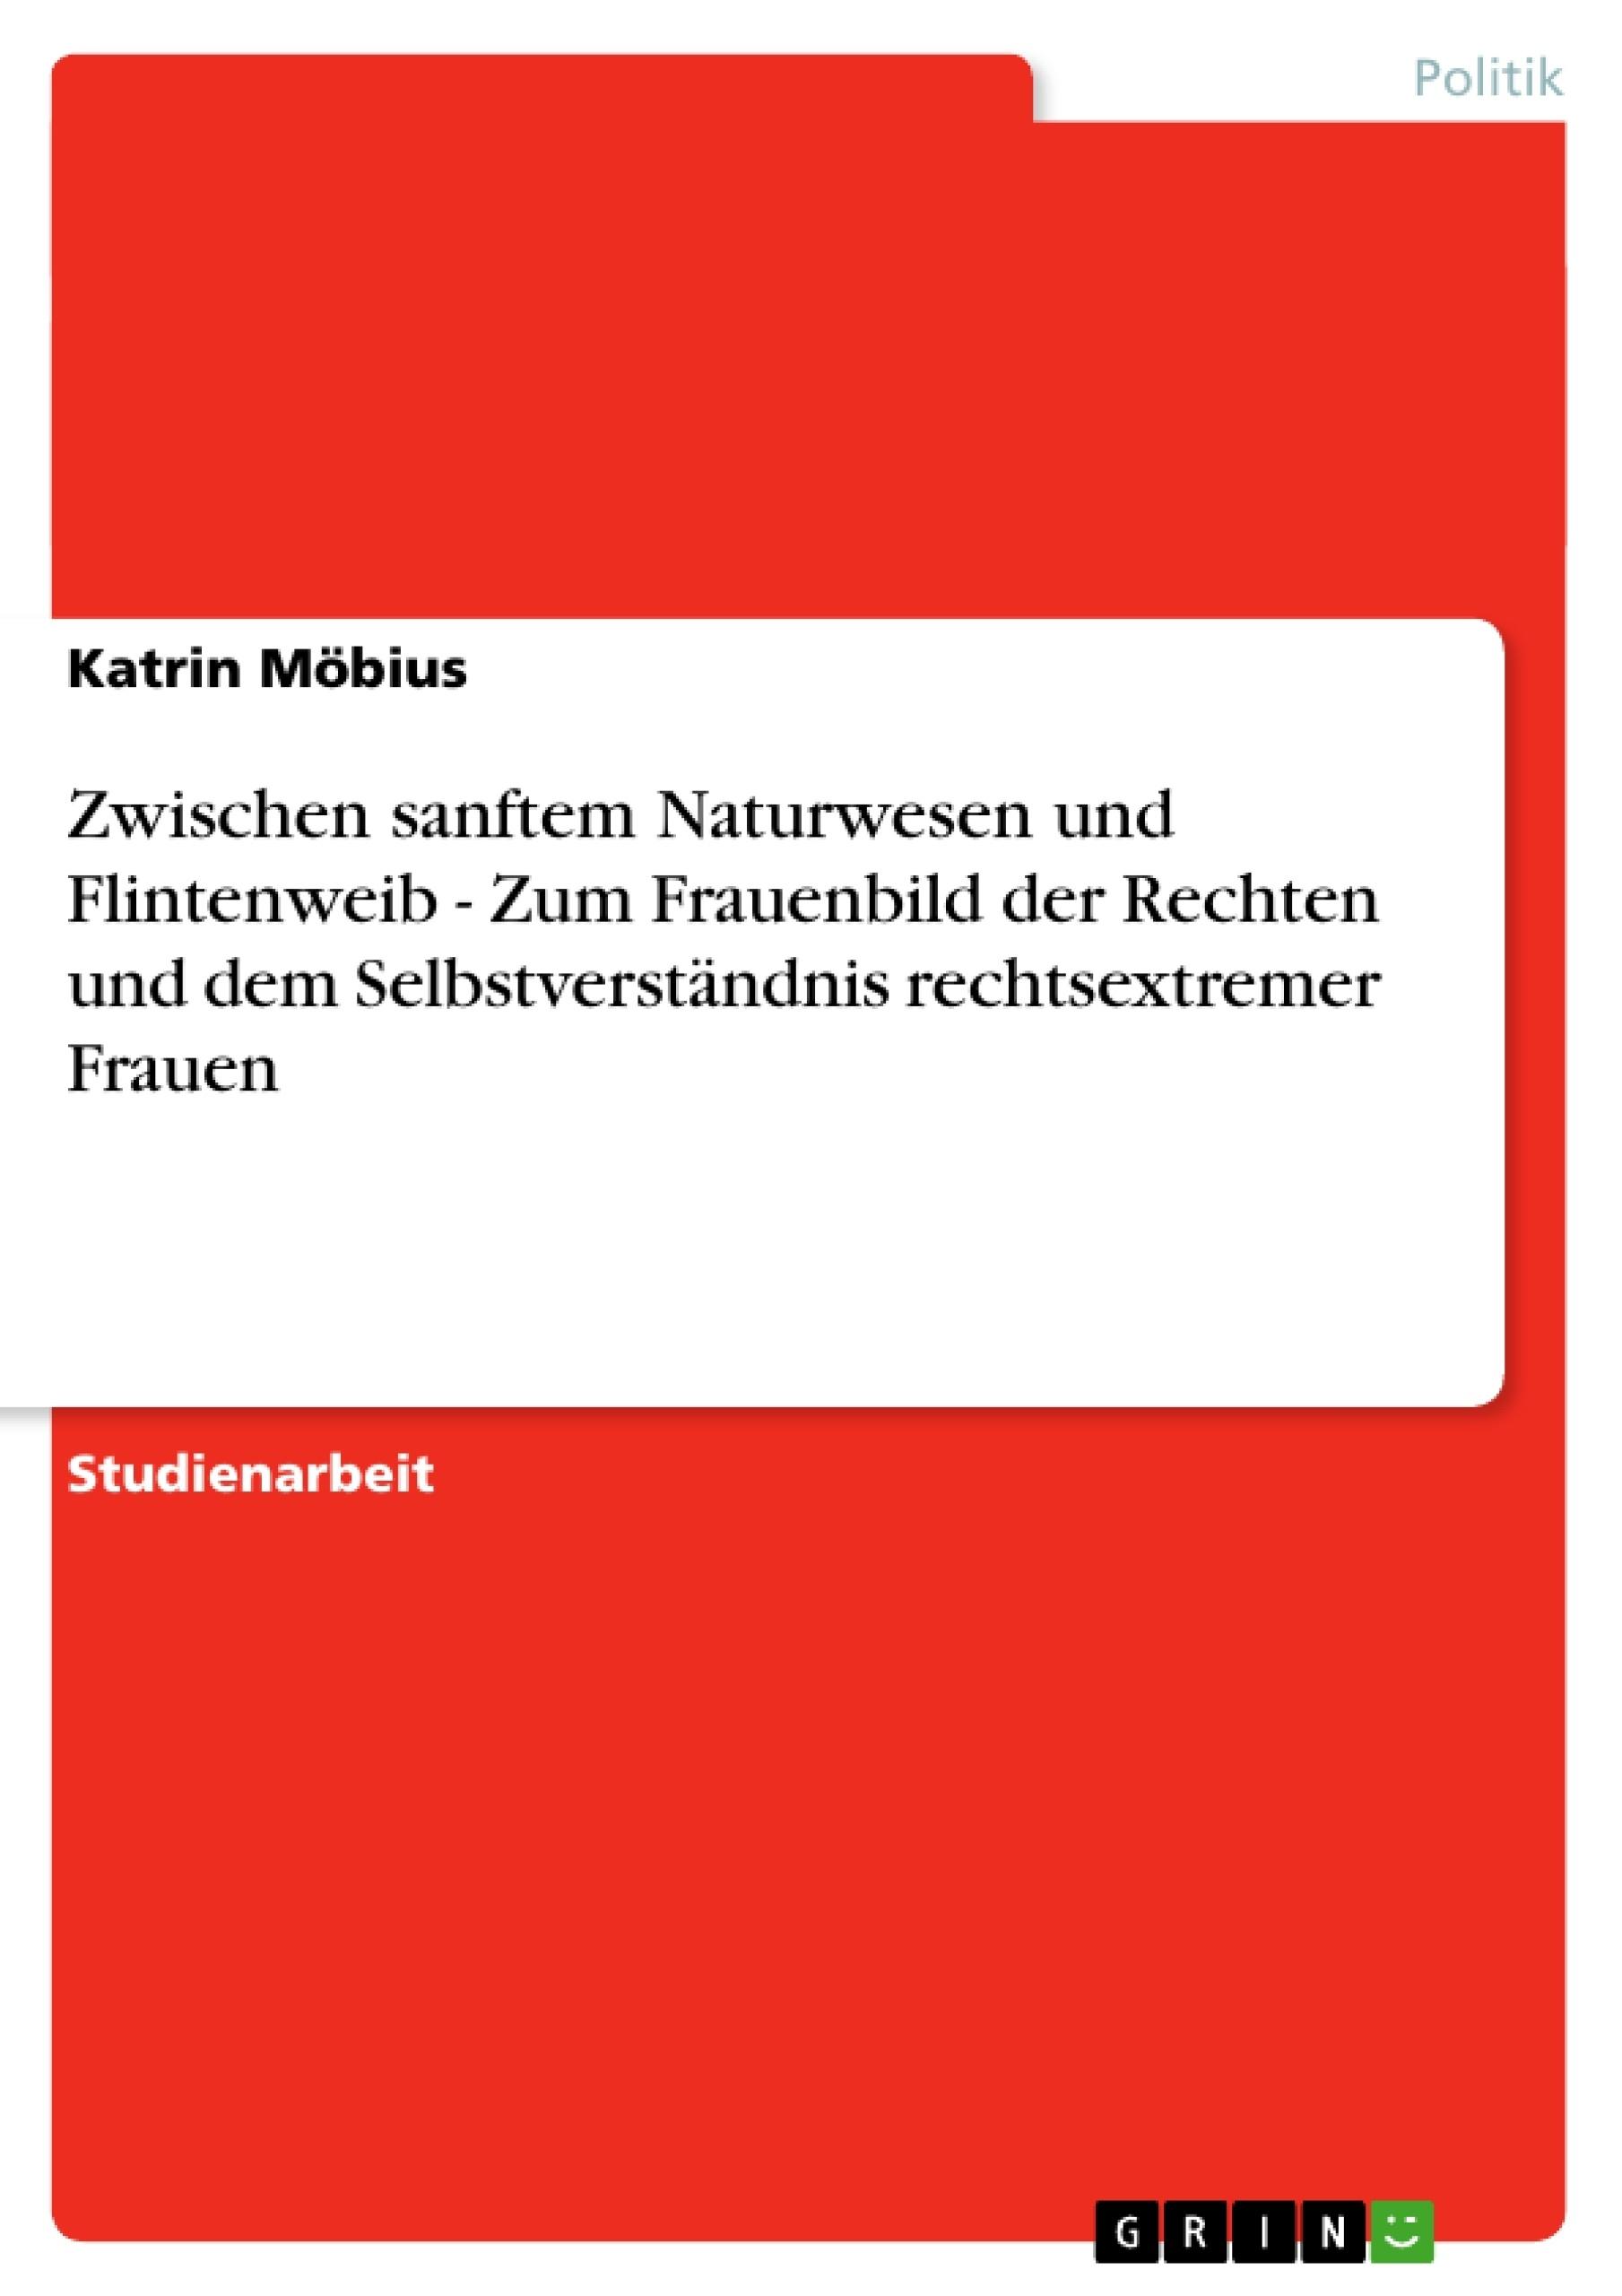 Titel: Zwischen sanftem Naturwesen und Flintenweib - Zum Frauenbild der Rechten und dem Selbstverständnis rechtsextremer Frauen